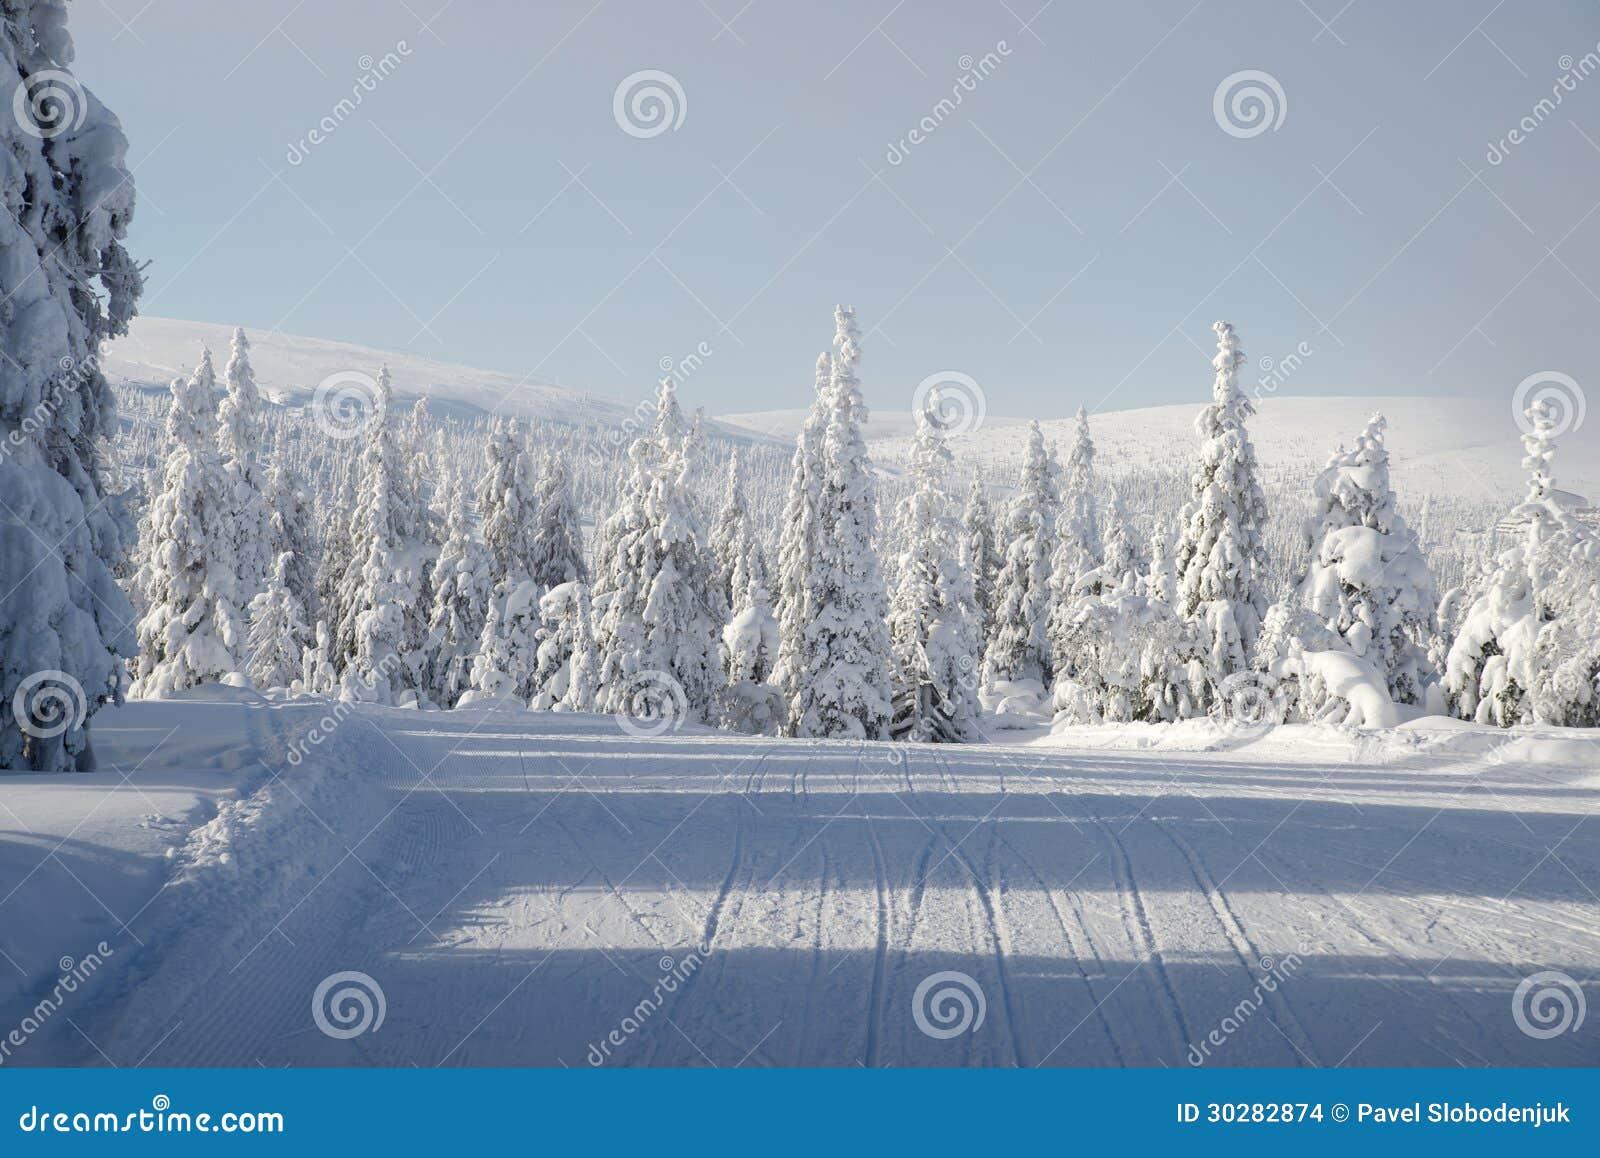 滑雪捷径方式